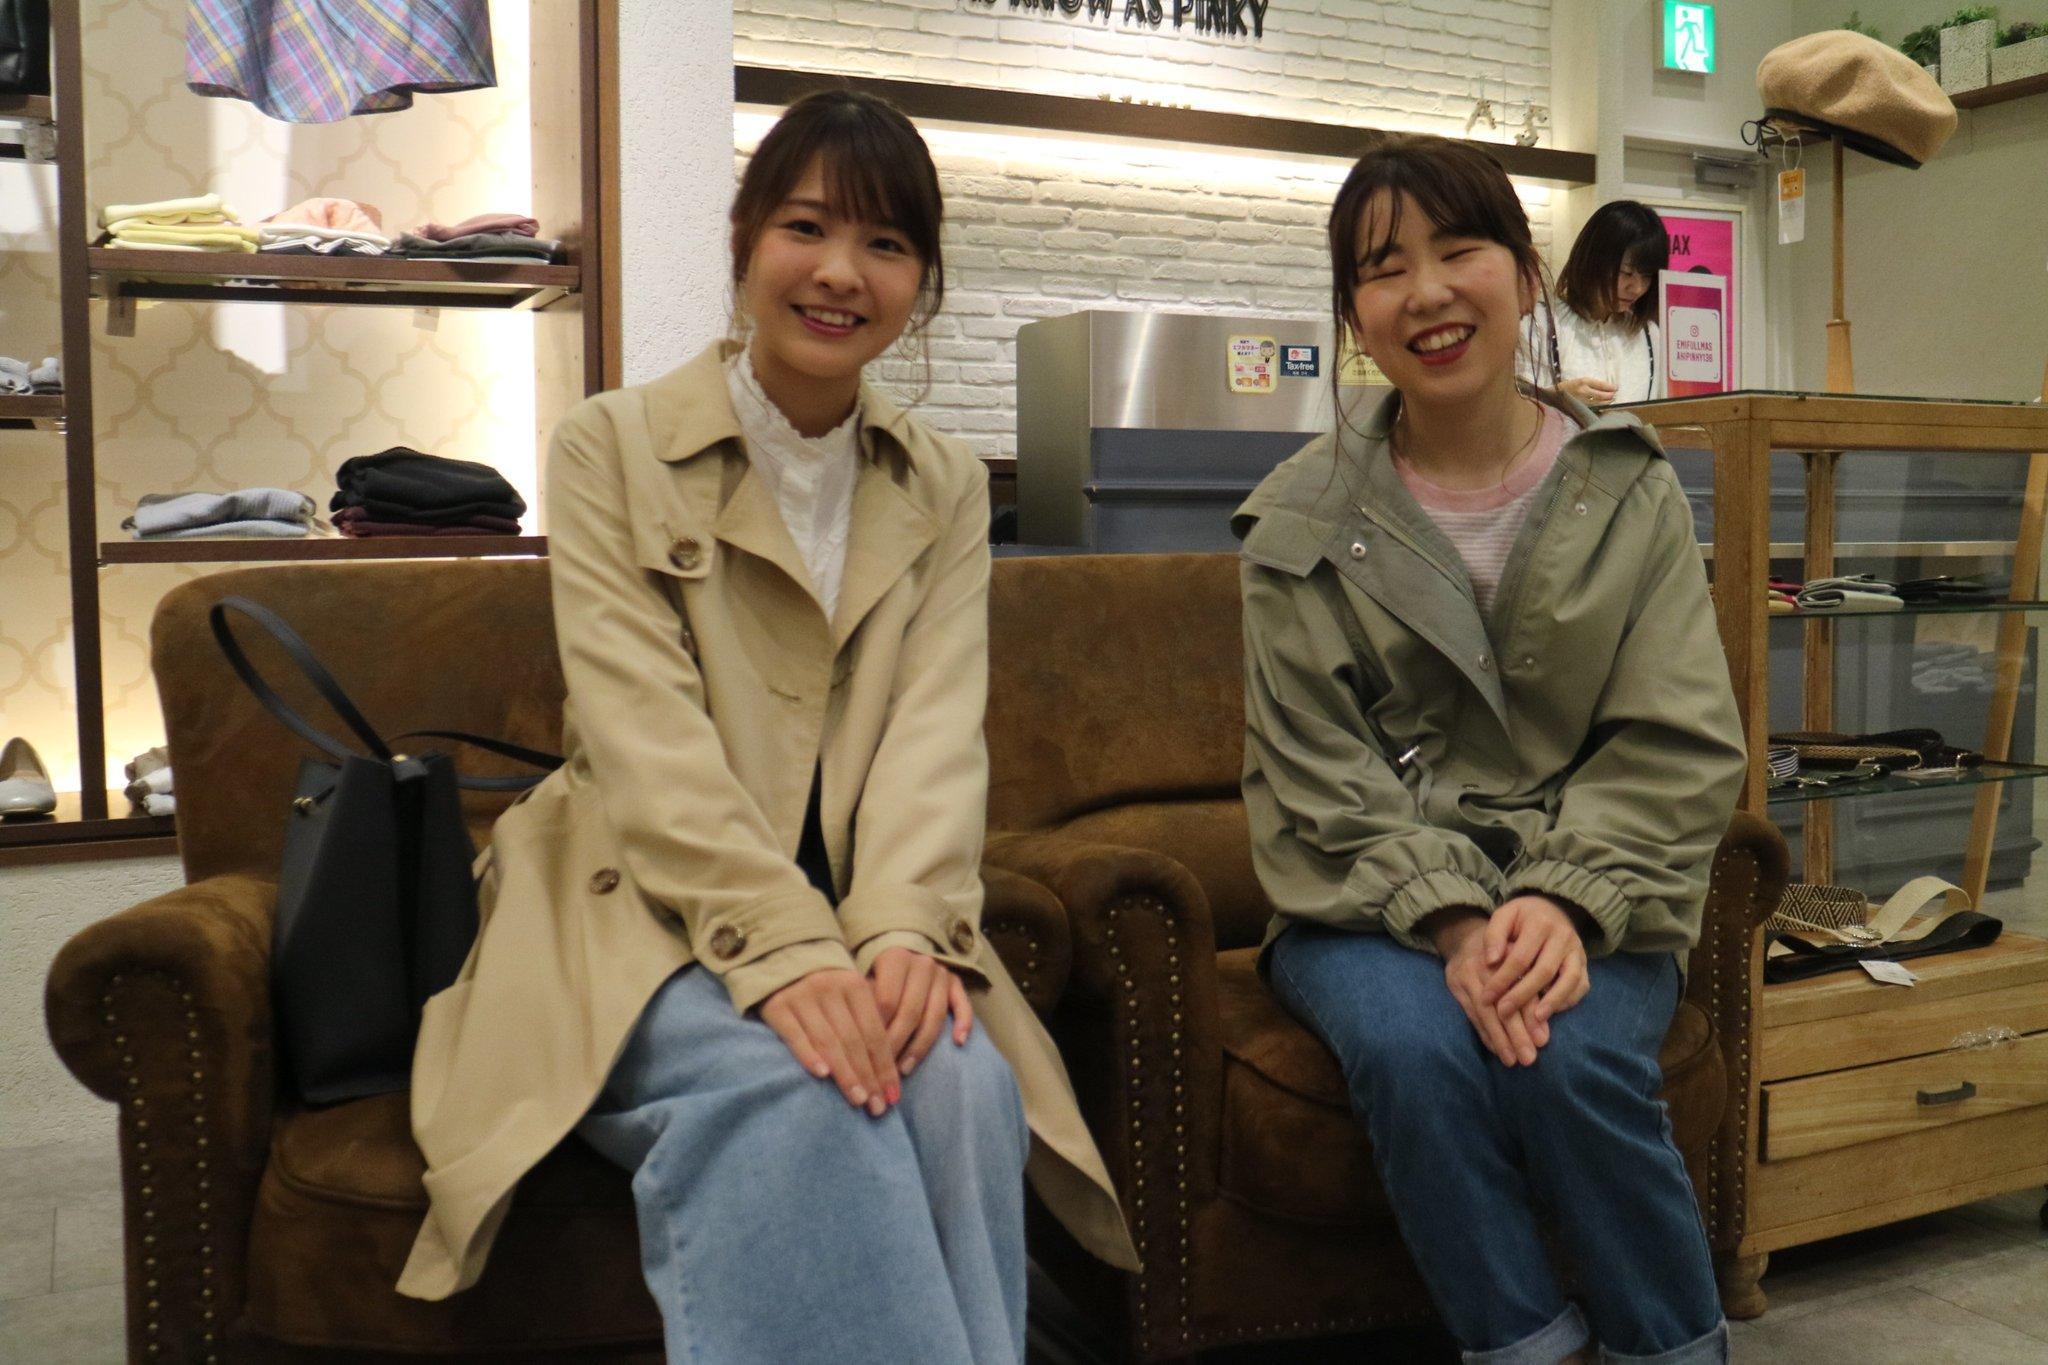 https://emifull.jp/emifulls_blog/11th/uploads/k4d0r4KI.jpg